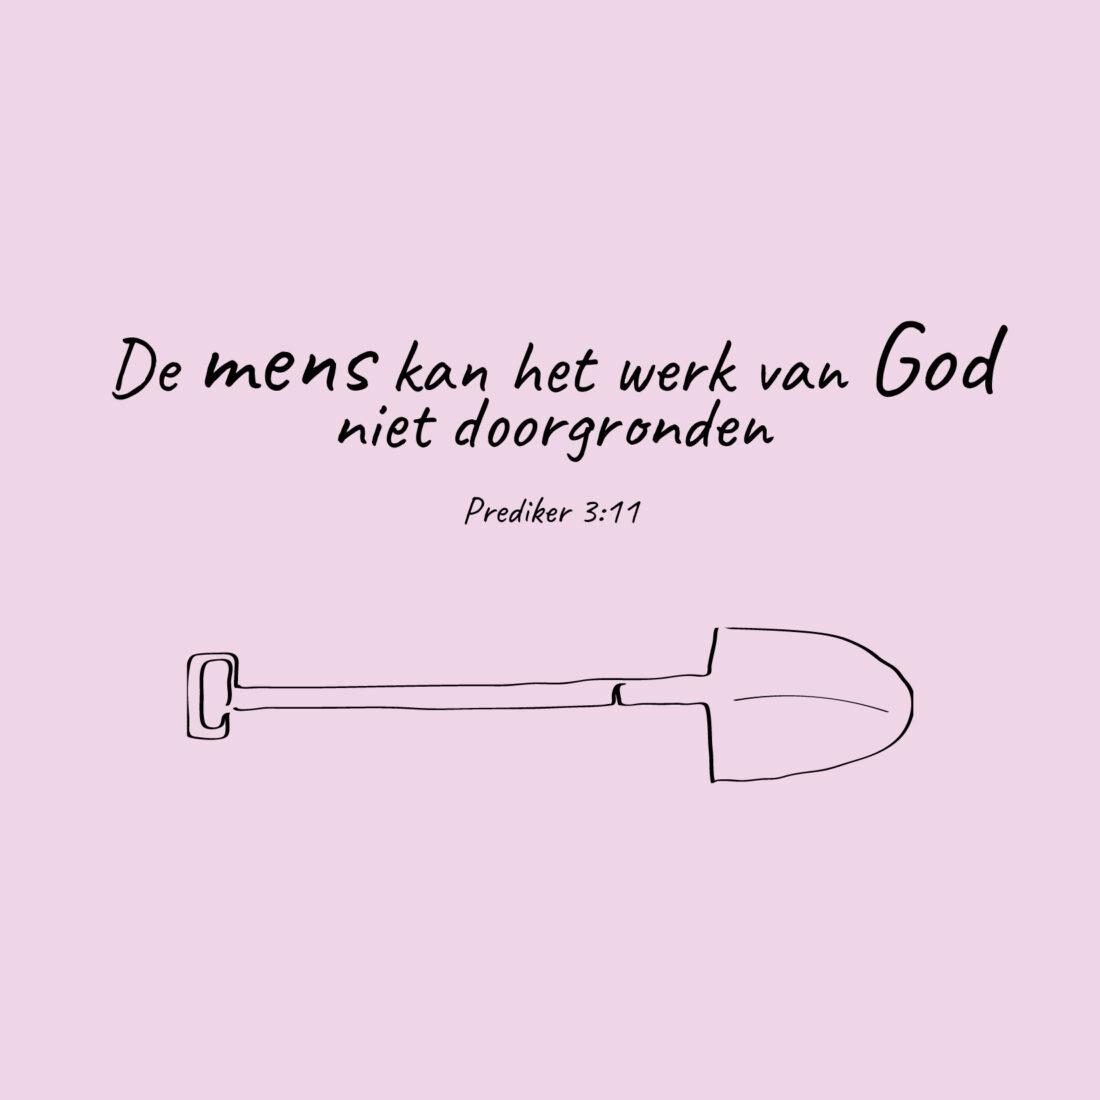 De mens kan het werk van God niet doorgronden